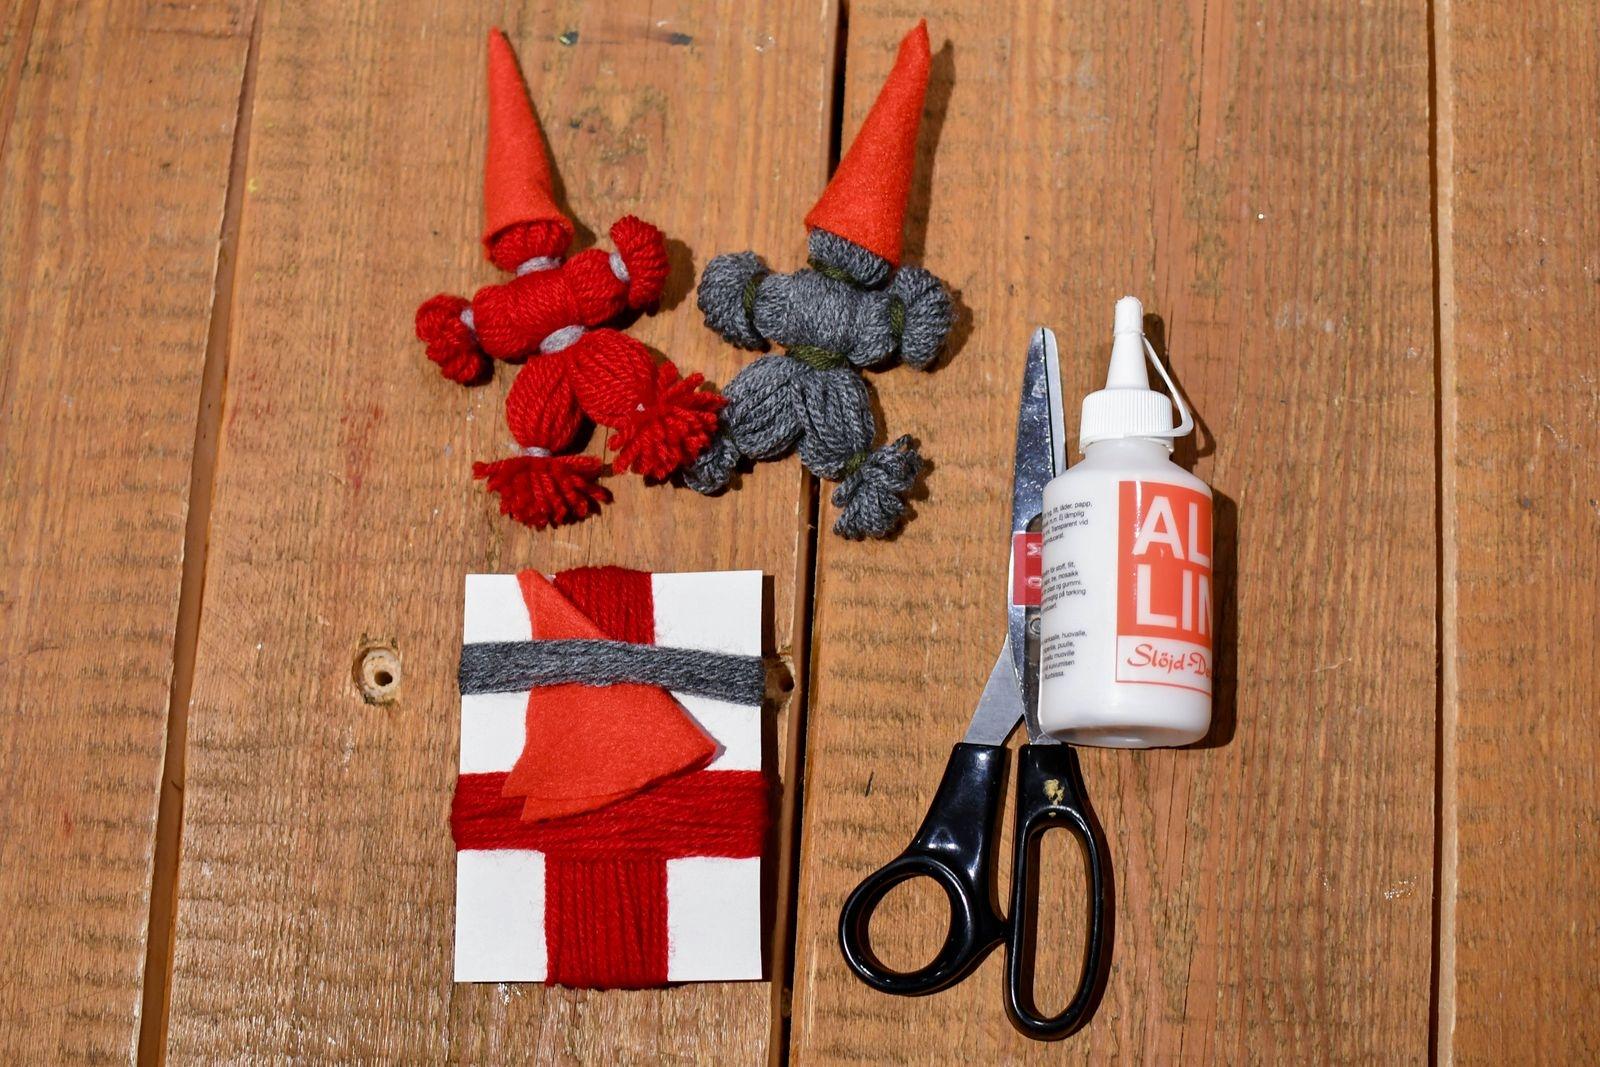 Du behöver: Sax, lim, en bit kartong, garn och en liten bit filttyg. I museets pysselpåse kommer garnet färdigupplindat, annars börjar du med att linda upp garnet i två olika längder runt en bit kartong. Cirka 40 varv till kroppen och 30 till armarna.